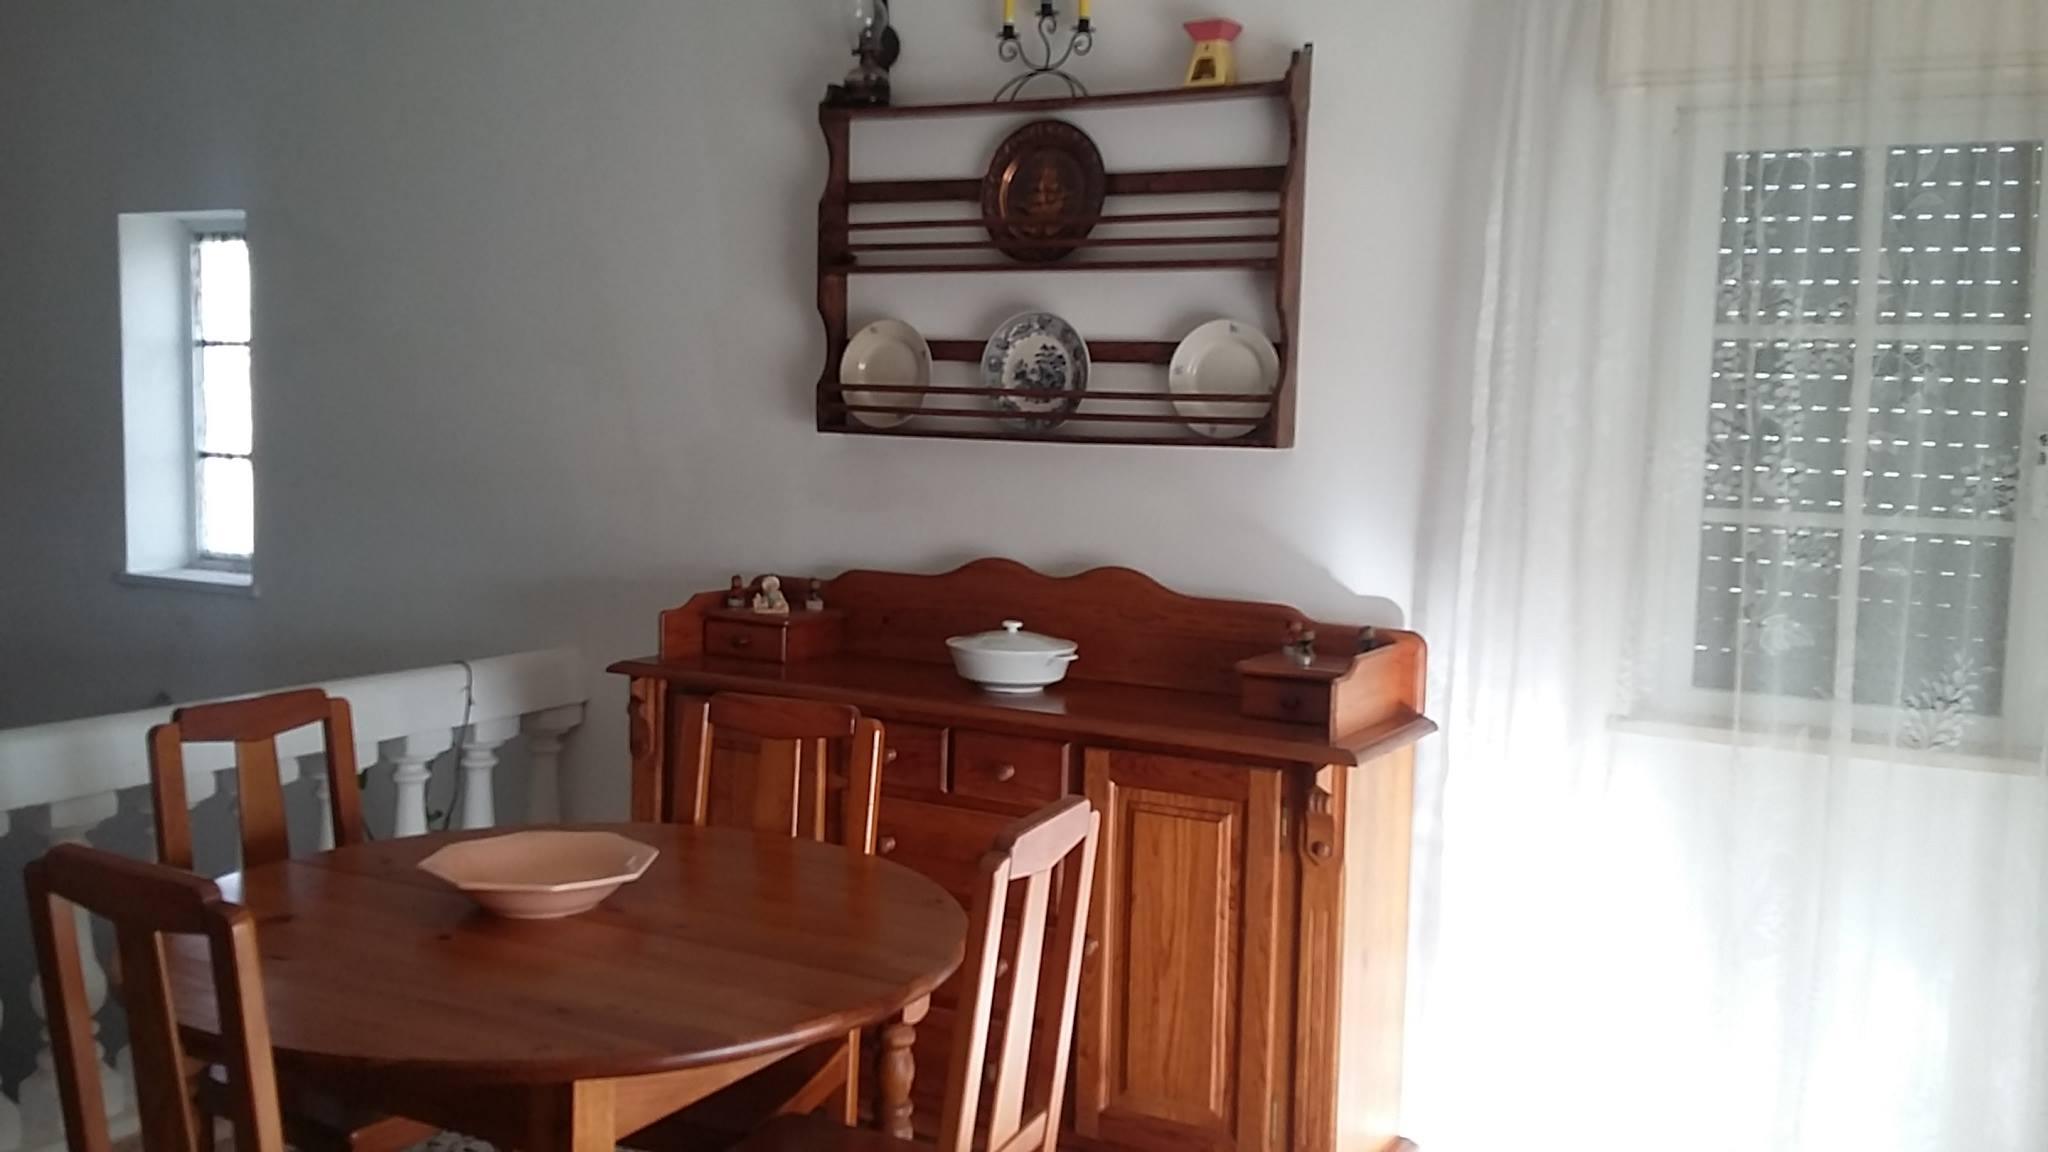 Location appartements et villas de vacance, Casa Vista Mar – Pêra – Armação de Pêra – Algarve. à Pêra, Portugal Algarve, REF_IMG_541_545